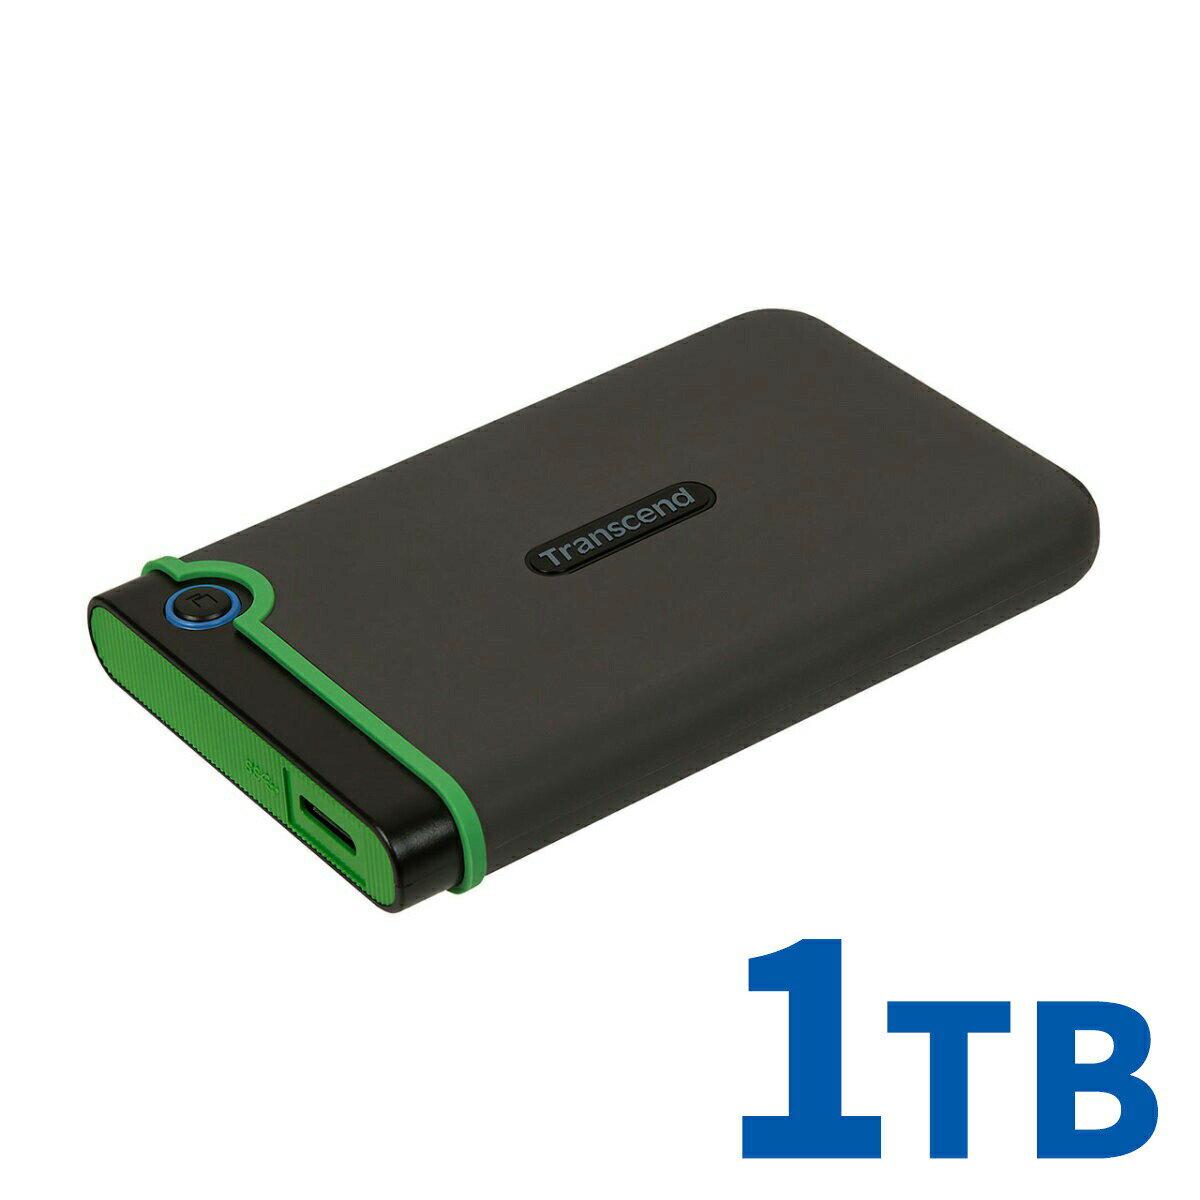 【3月27日値下げしました】Transcend ポータブルHDD 1TB USB3.1 テレビ録画 2.5インチ スリムポータブルHDD 耐衝撃 3年保証 ハードディスク 外付けHDD ポータブルハードディスク トランセンド StoreJet[TS1TSJ25M3S]【送料無料】